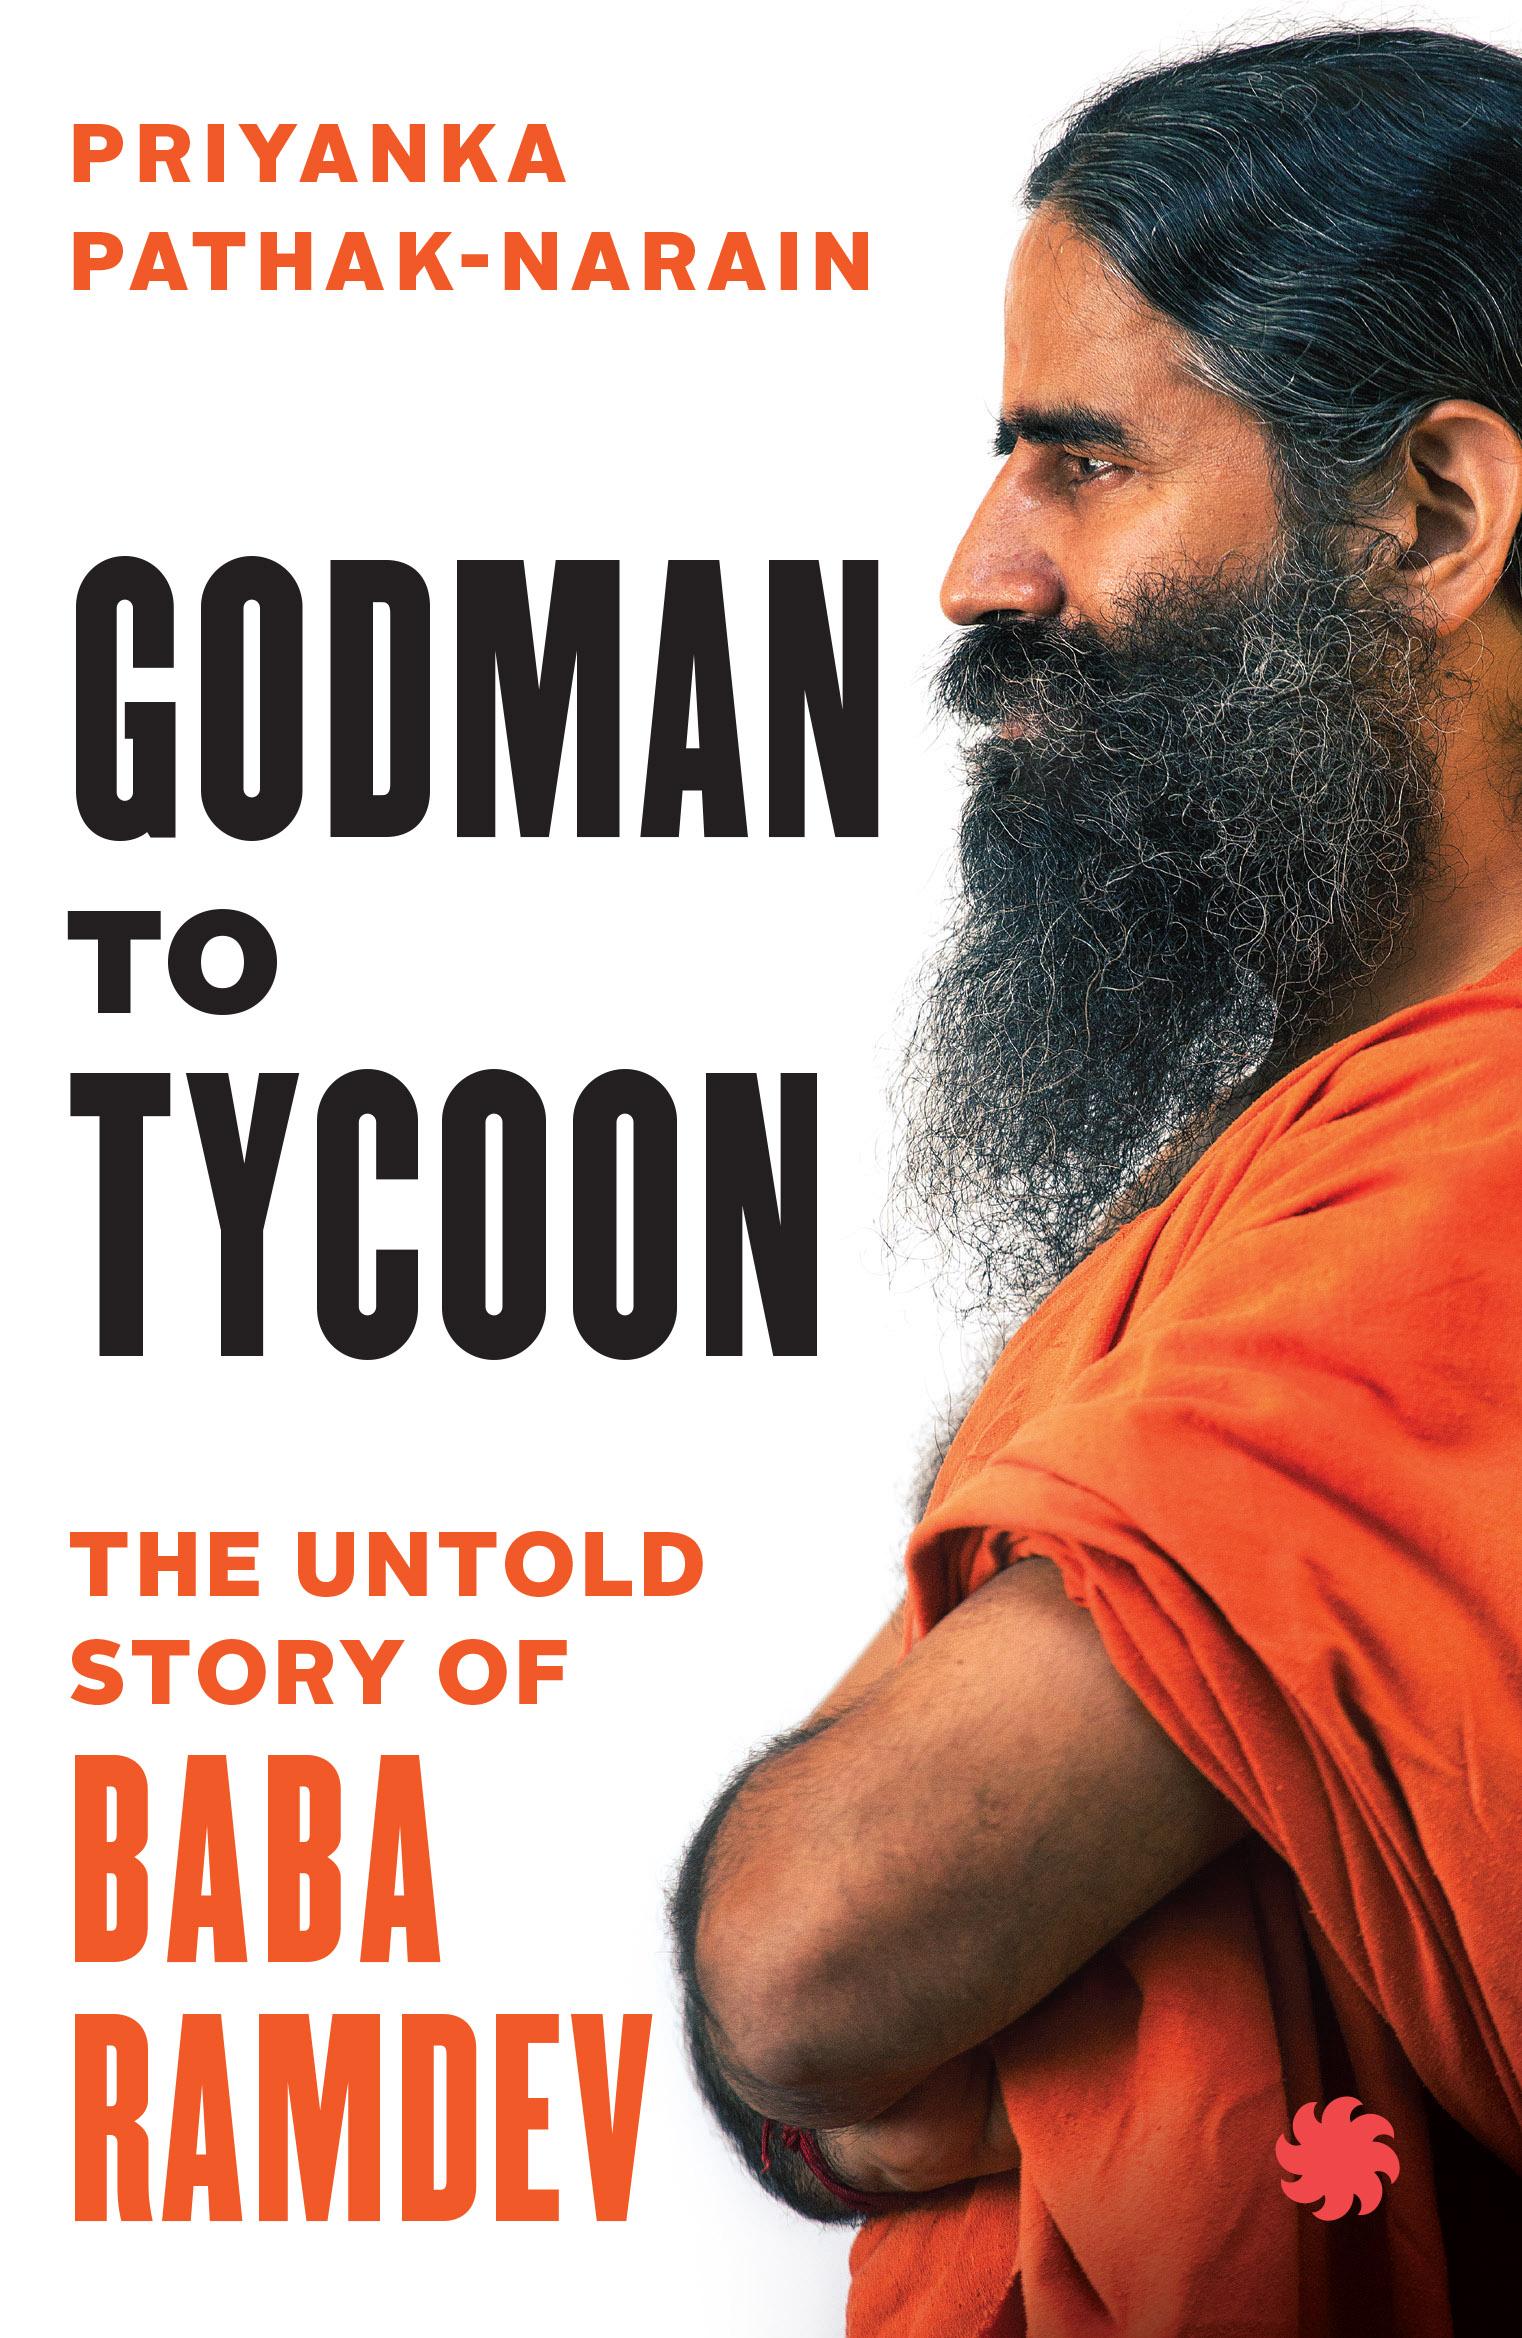 Priyanka Pathak-Narain <em>Godman to Tycoon</em> Juggernaut, 2017